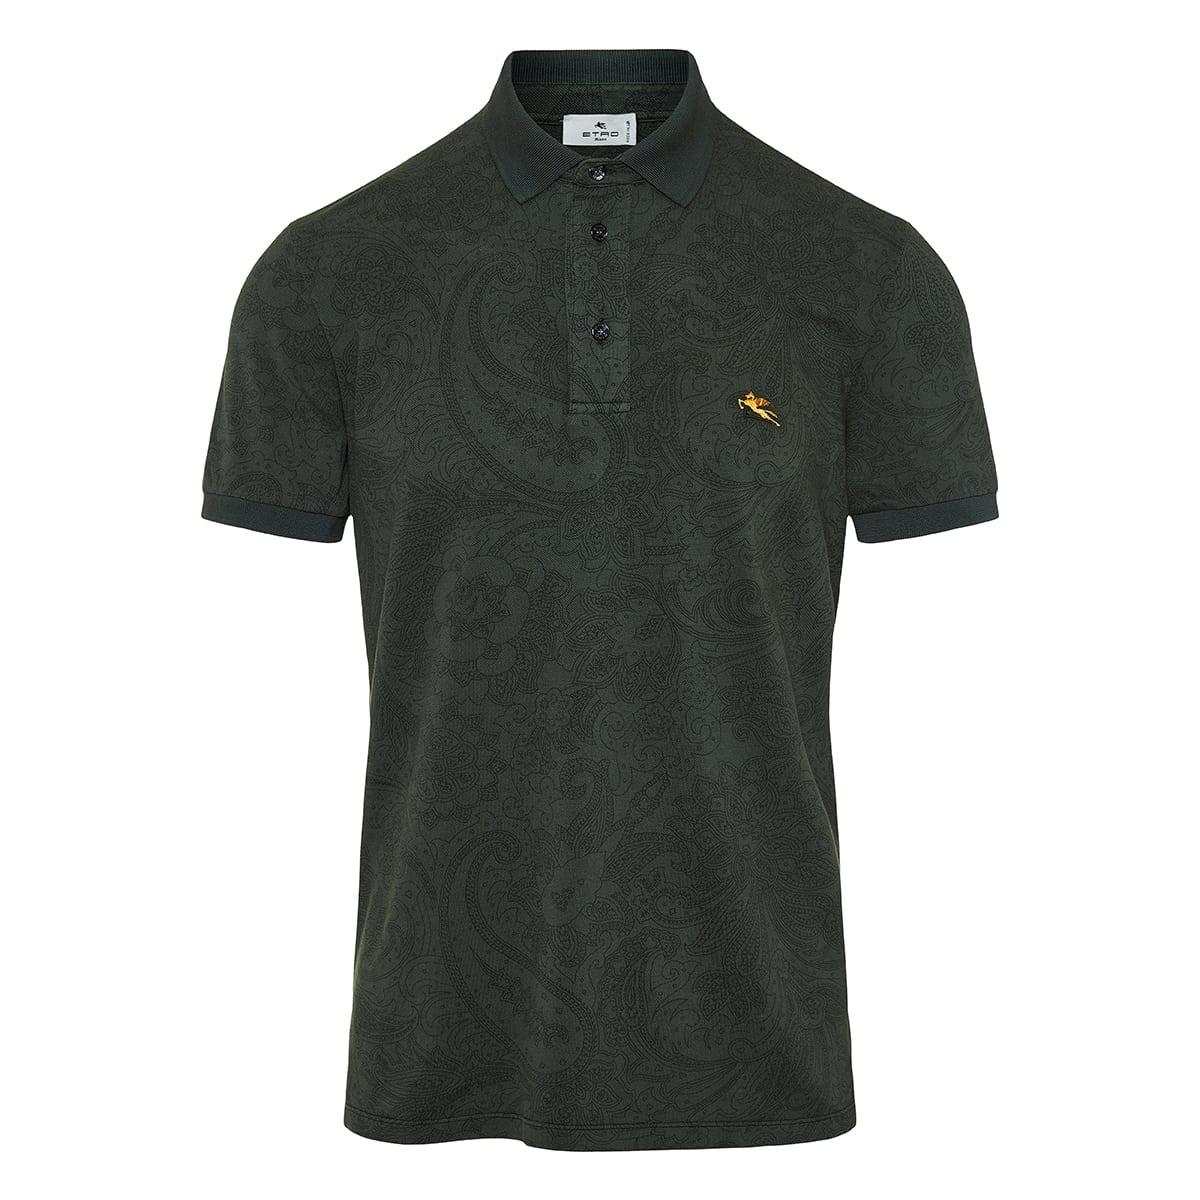 Paisley printed cotton polo shirt